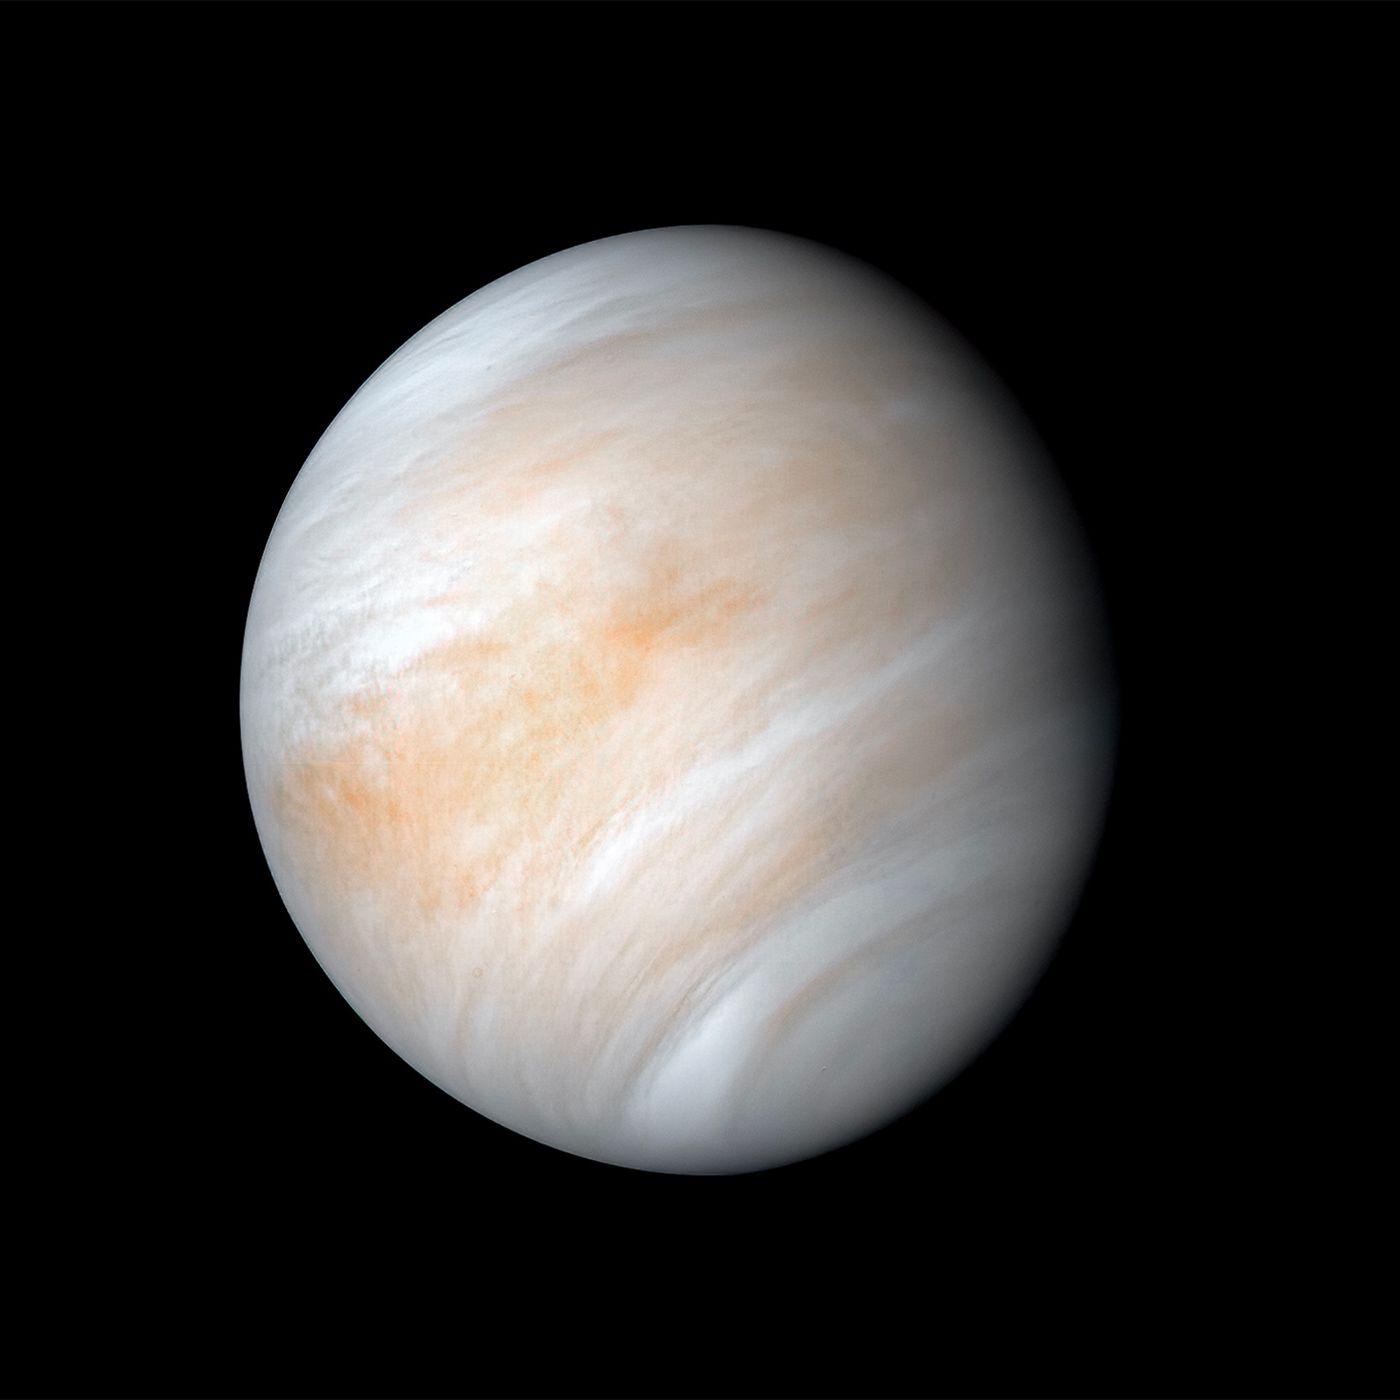 Livstecken från Venus verkar vara överskattade Astronomer backar från sitt ursprungliga uttalande